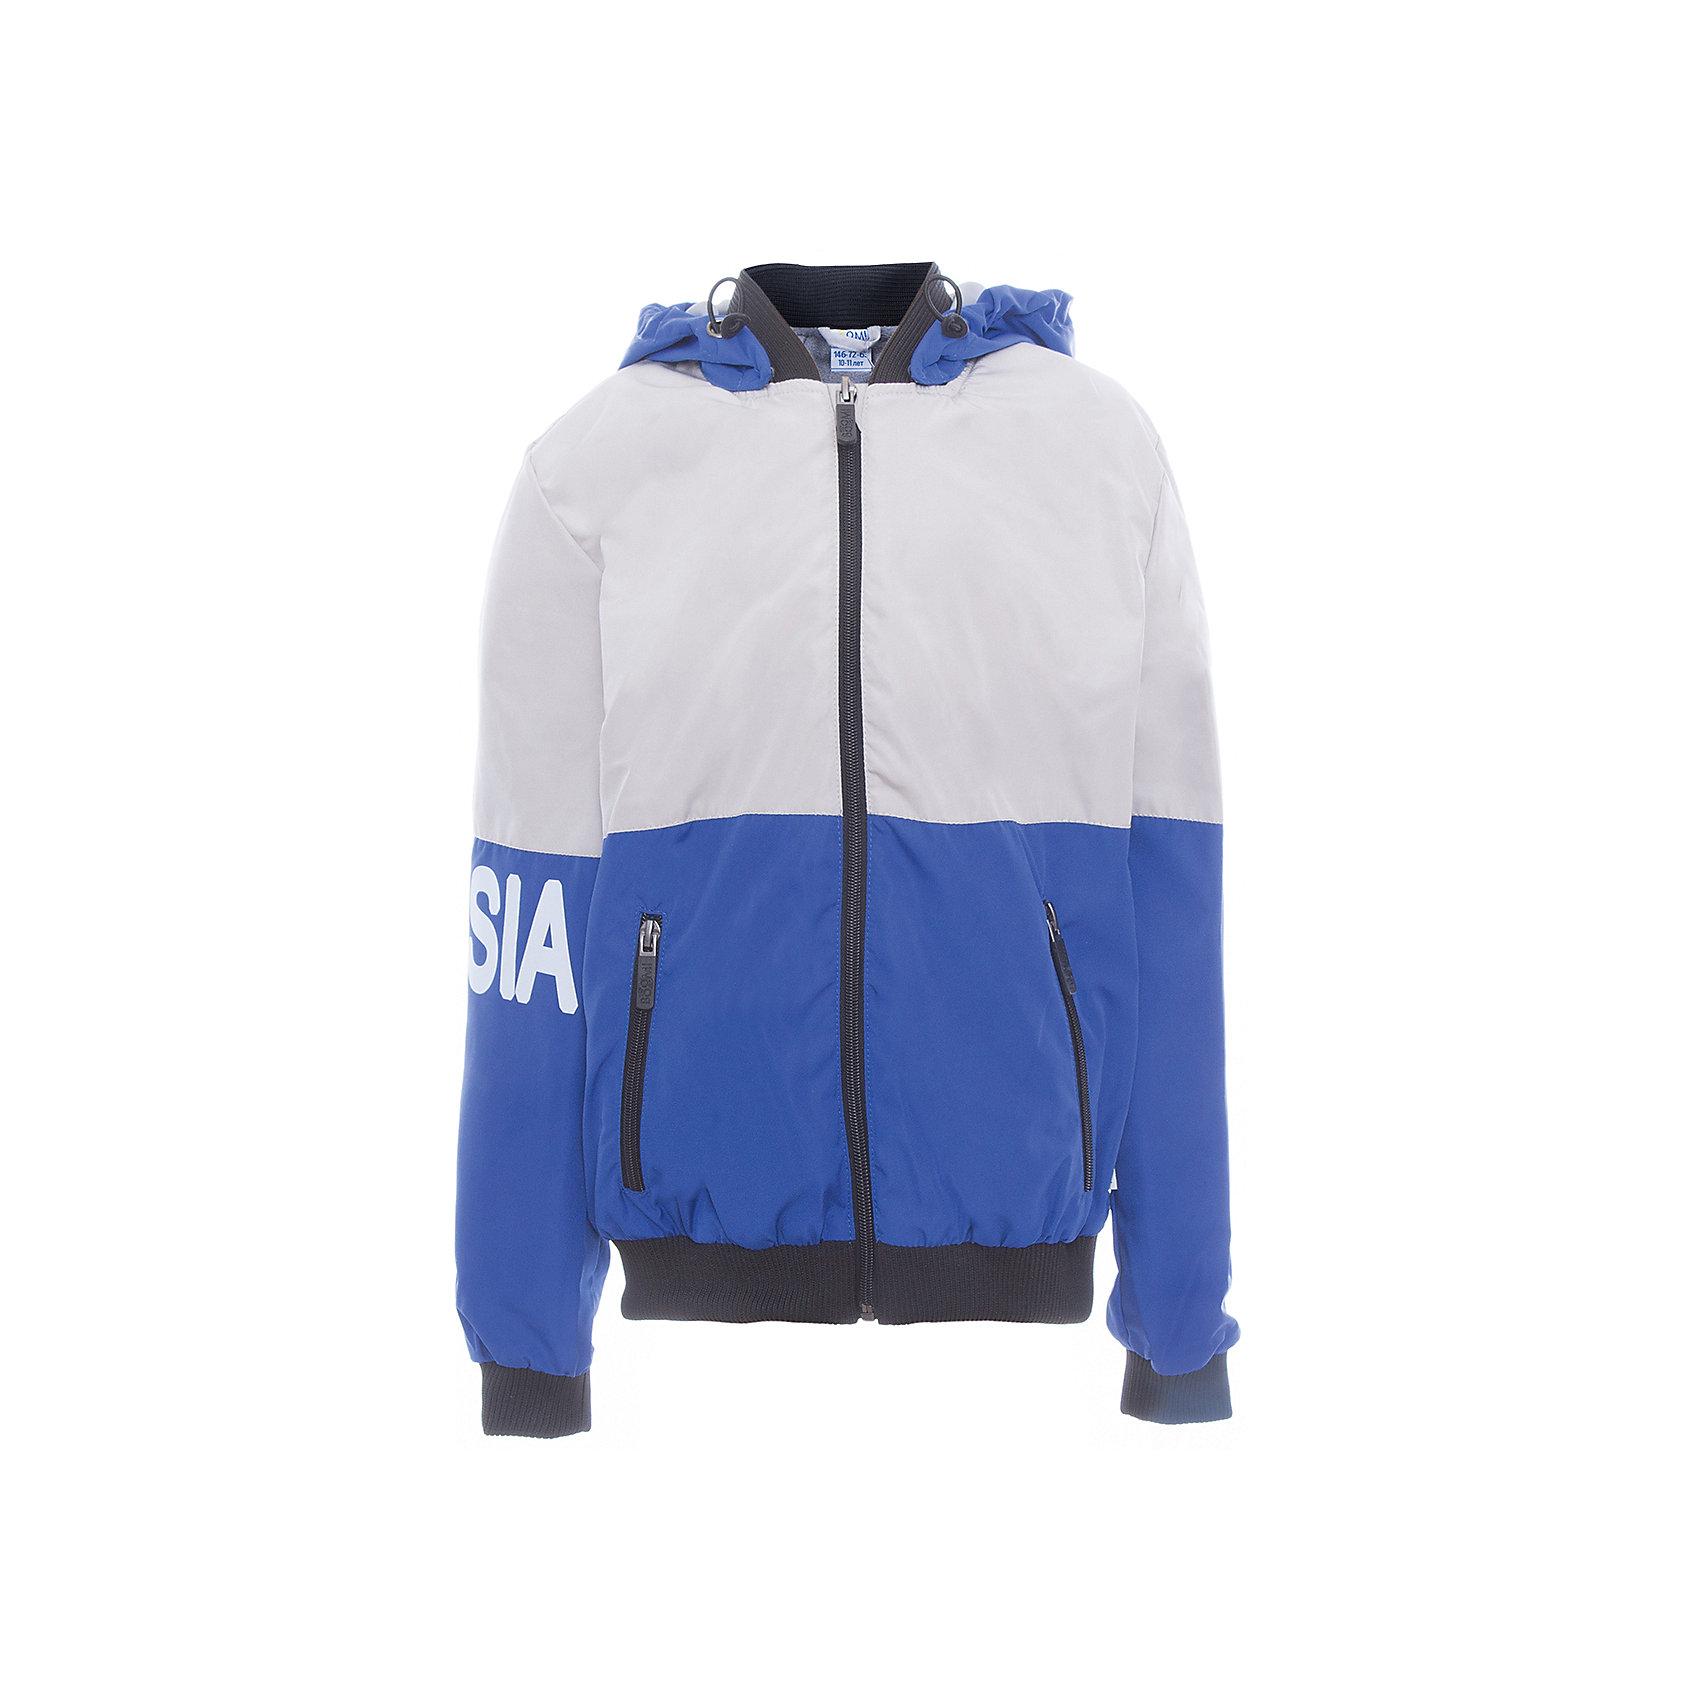 Куртка для мальчика BOOM by OrbyХарактеристики товара:<br><br>• цвет: синий<br>• состав: верх - Pronto pu, подкладка - полиэстер, флис, без утеплителя<br>• температурный режим: от +5°до +15°С<br>• демисезон<br>• капюшон<br>• застежка - молния<br>• эластичные манжеты<br>• принт<br>• карманы<br>• комфортная посадка<br>• страна производства: Российская Федерация<br>• страна бренда: Российская Федерация<br>• коллекция: весна-лето 2017<br><br>Такая куртка - универсальный вариант для теплого межсезонья с постоянно меняющейся погодой. Эта модель - модная и удобная одновременно! Изделие отличается стильным ярким дизайном. Куртка хорошо сидит по фигуре, отлично сочетается с различным низом. Вещь была разработана специально для детей.<br><br>Куртку для мальчика для девочки от бренда BOOM by Orby можно купить в нашем интернет-магазине.<br><br>Ширина мм: 356<br>Глубина мм: 10<br>Высота мм: 245<br>Вес г: 519<br>Цвет: серый<br>Возраст от месяцев: 108<br>Возраст до месяцев: 120<br>Пол: Мужской<br>Возраст: Детский<br>Размер: 140,146,152,158,104,110,98,116,122,128,134<br>SKU: 5342886